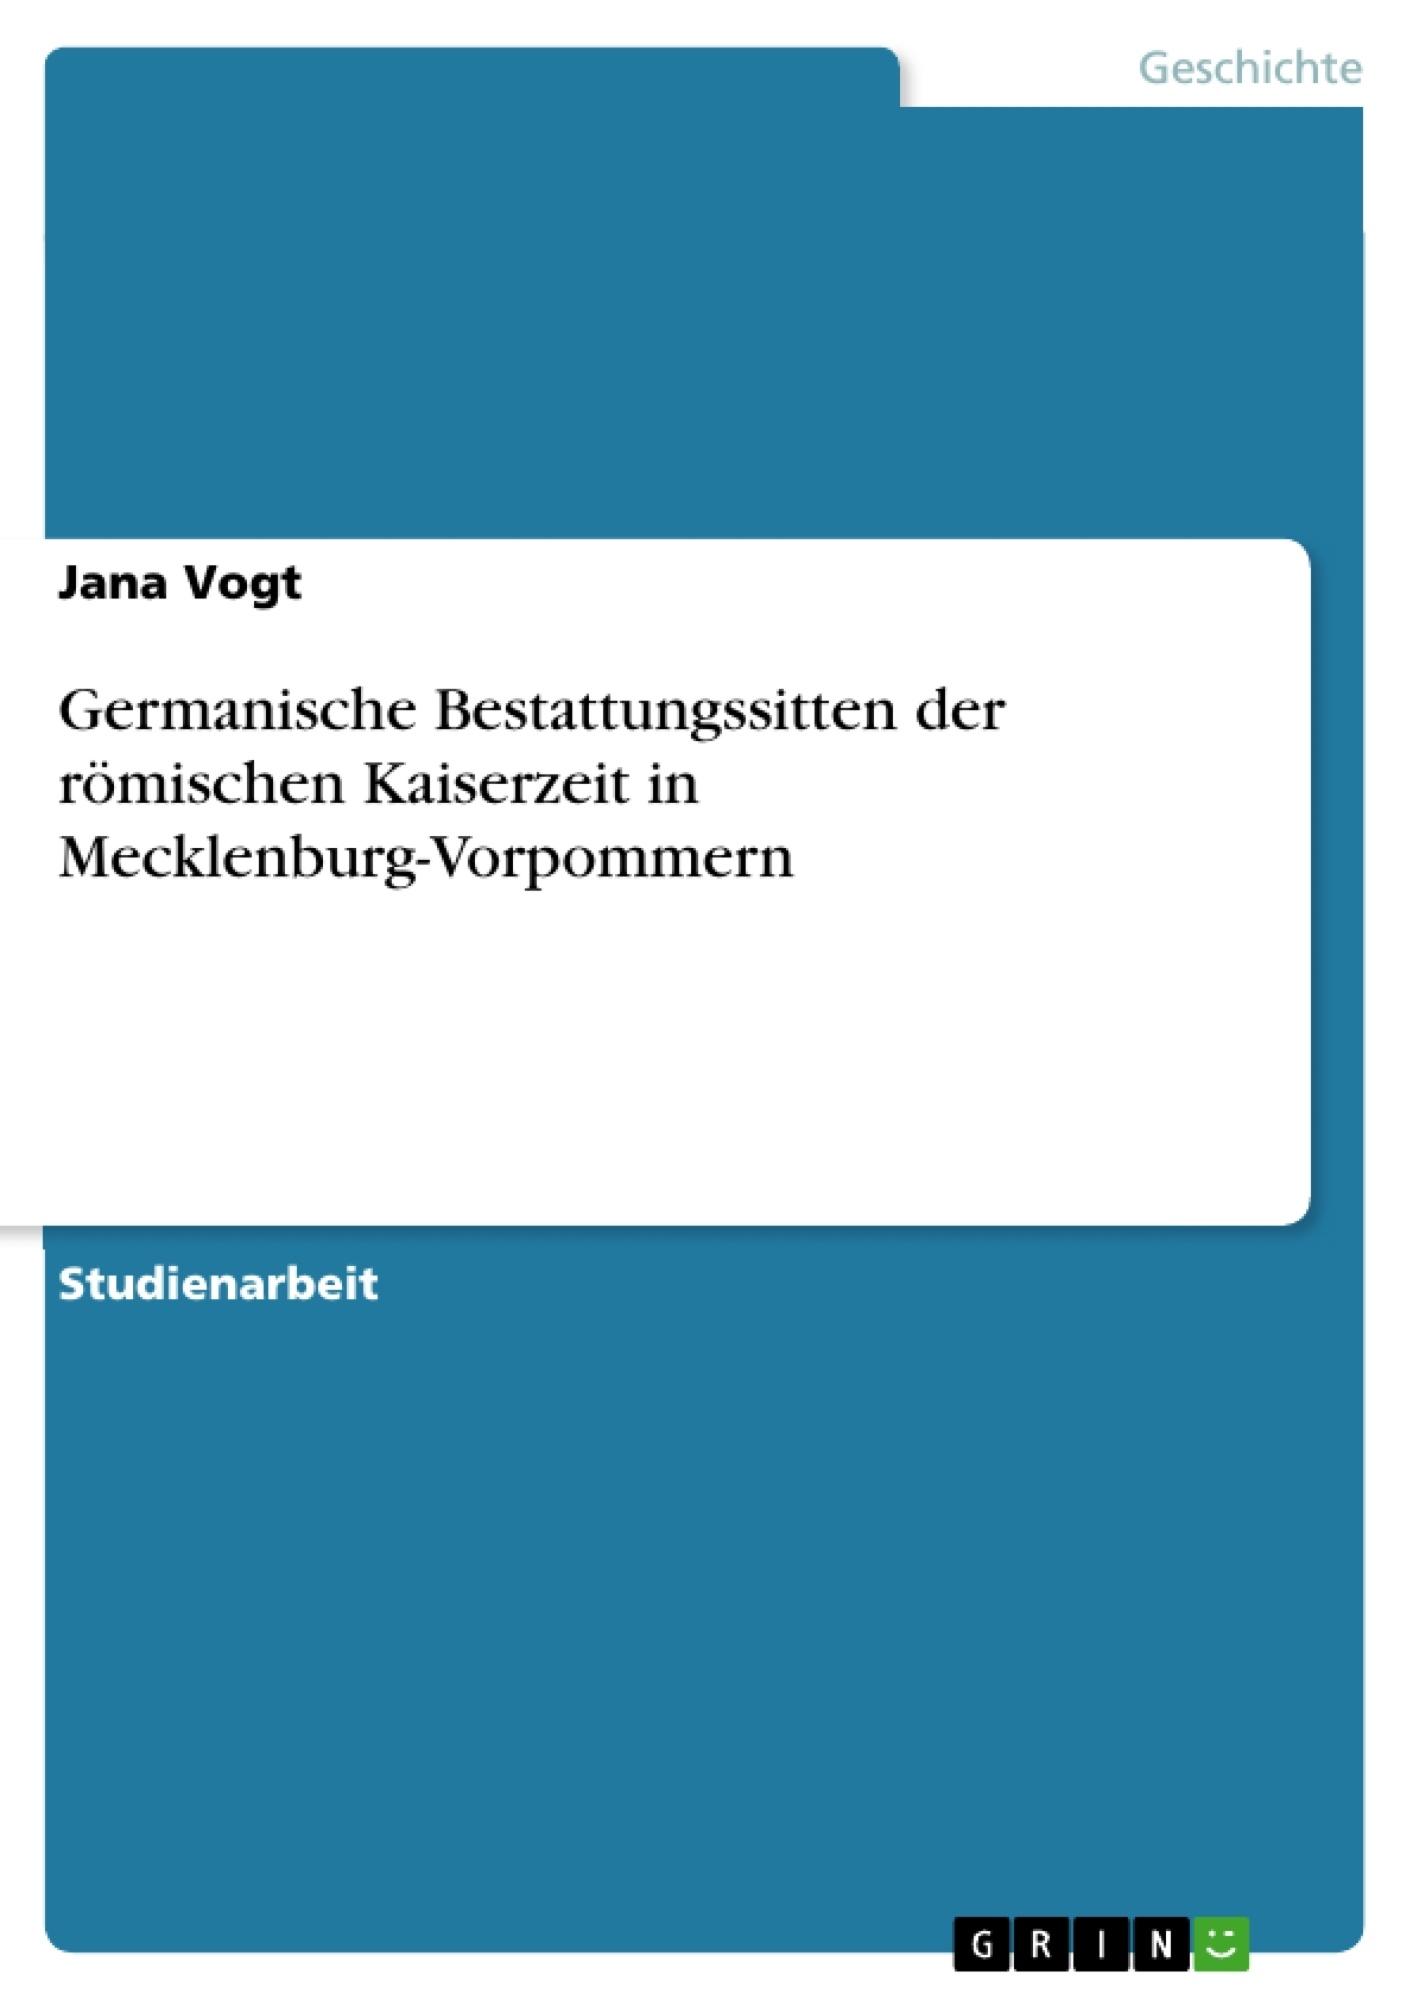 Titel: Germanische Bestattungssitten der römischen Kaiserzeit in Mecklenburg-Vorpommern